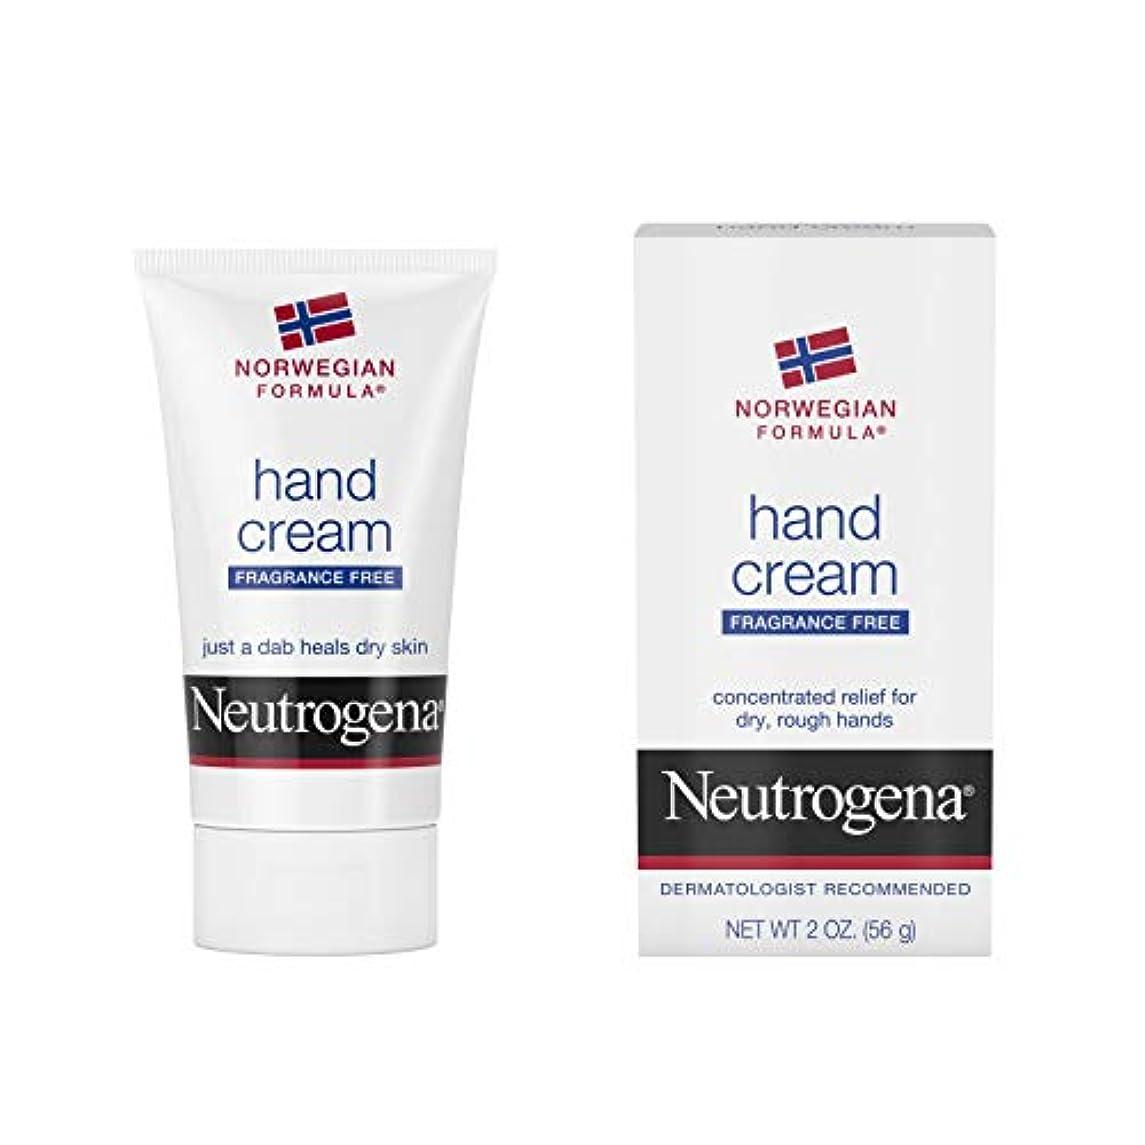 写真を描く大学遅滞Neutrogena Norwegian Formula Hand Cream Fragrance-Free 60 ml (並行輸入品)